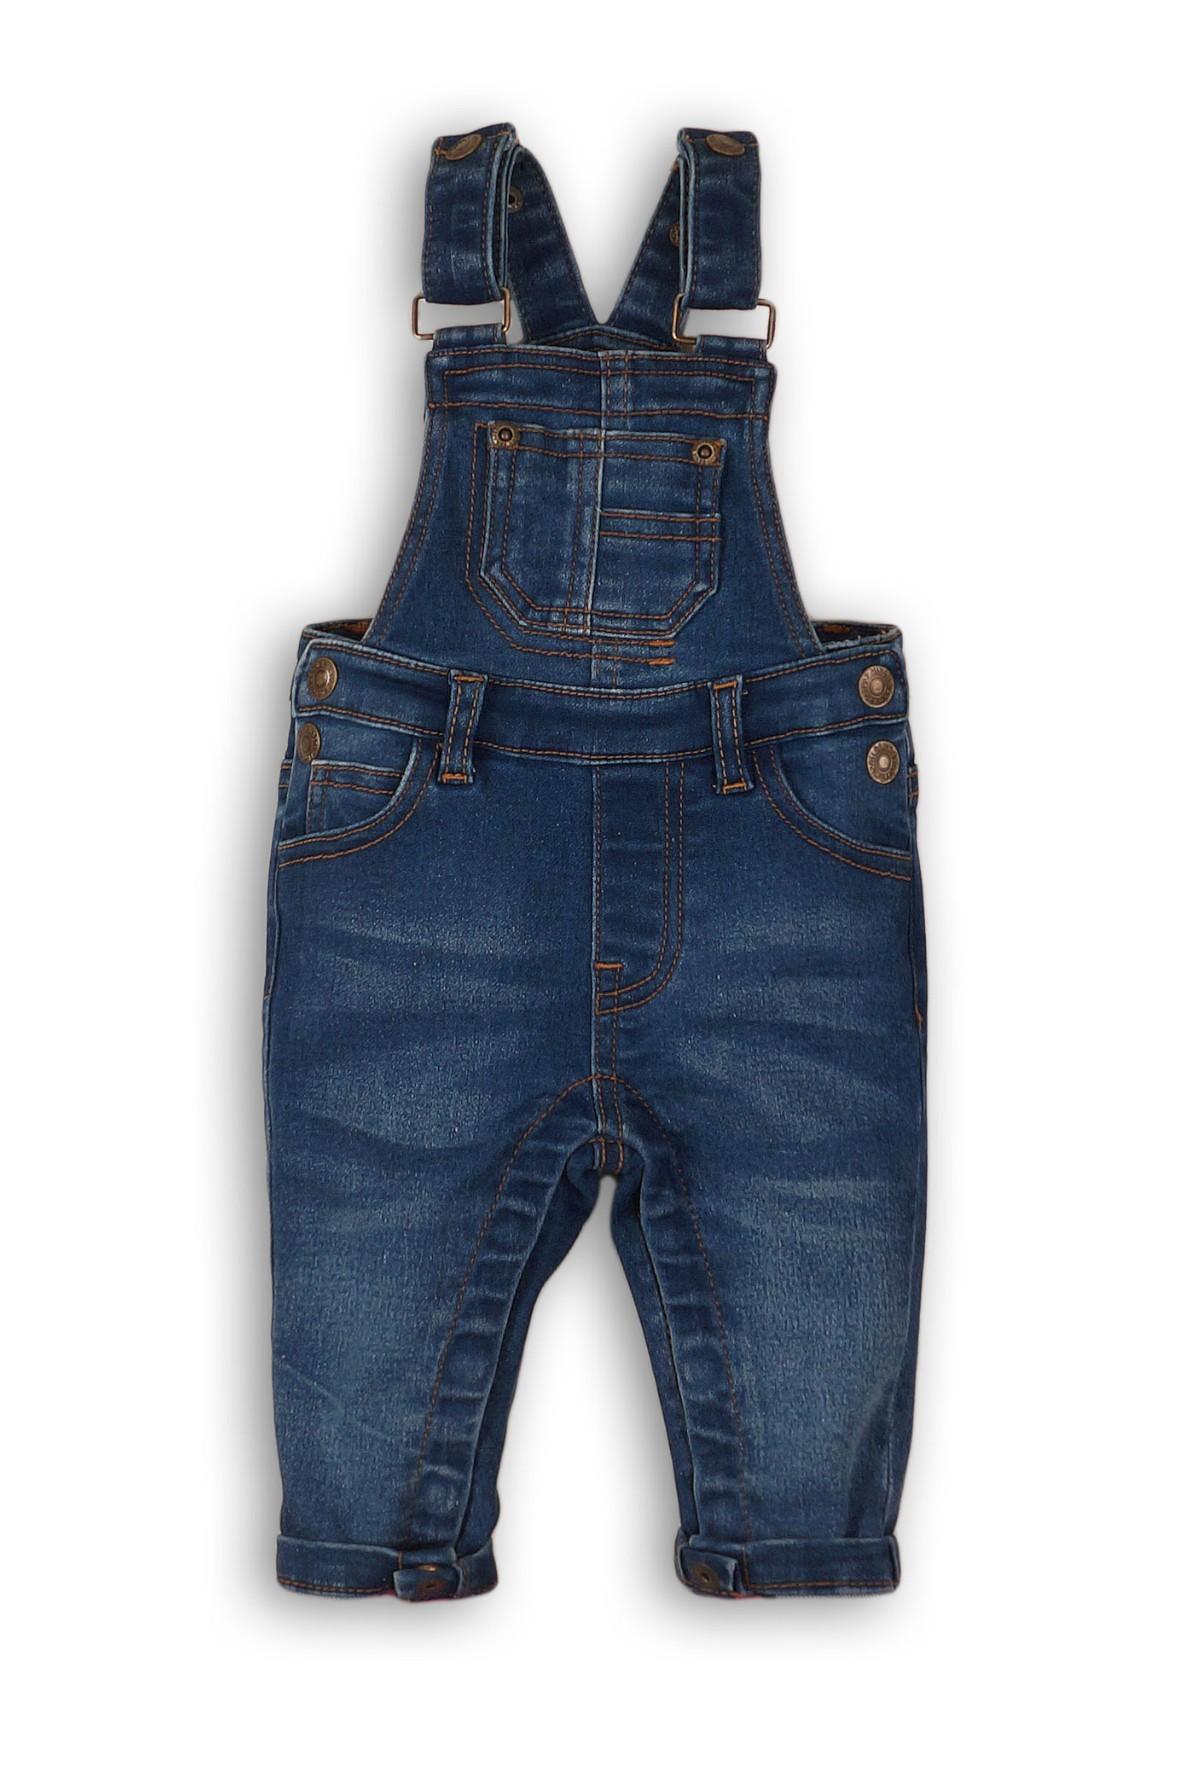 Spodnie ogroniczki dla chłopca- niebieskie